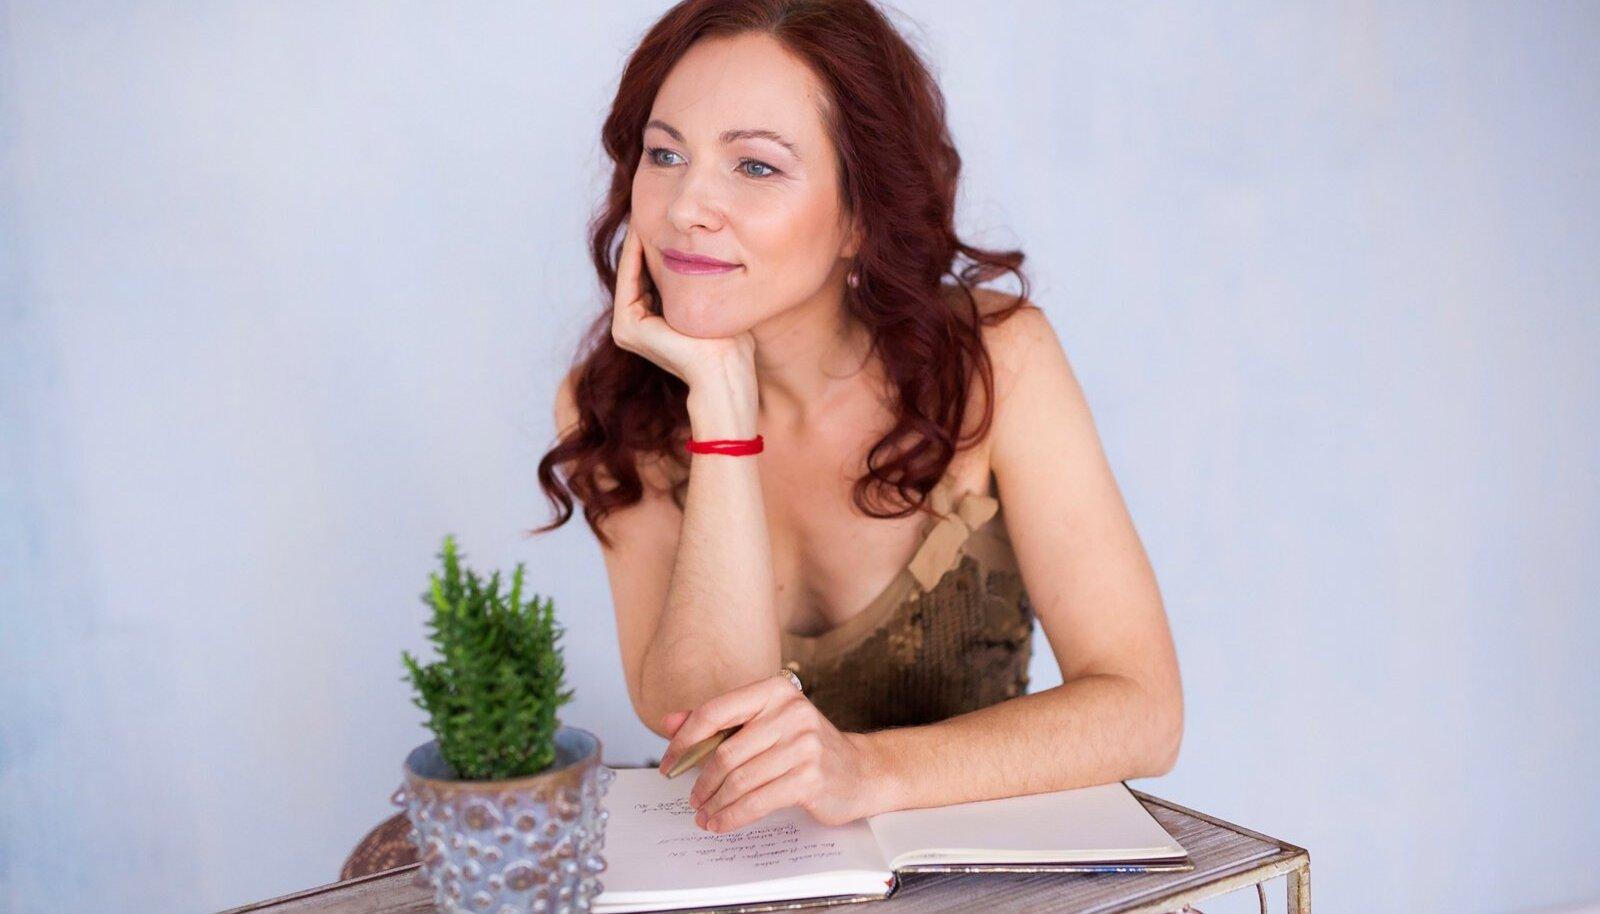 """""""Päevik on tarvilik selleks, et teadlikumalt aega kasutada. Et analüüsida ennast, oma tegusid ja motivaatoreid,"""" räägib Merit Raju."""